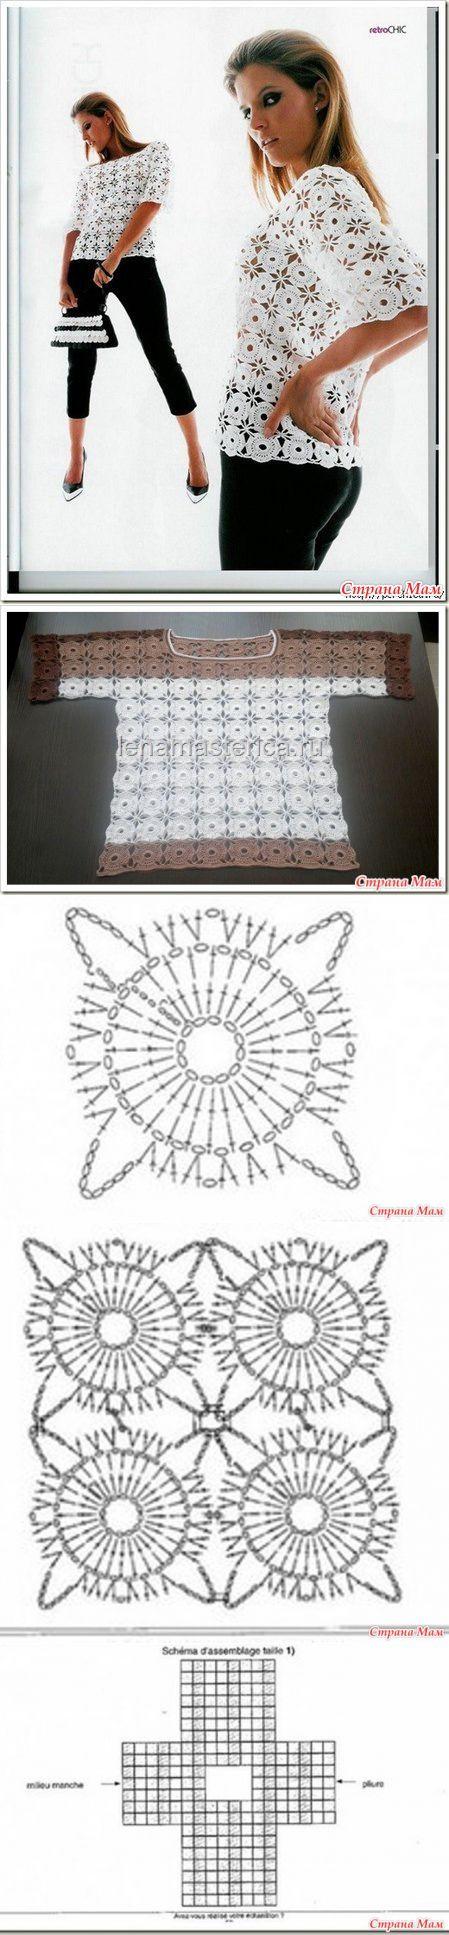 Кофточка круглыми мотивами безотрывным методом вязания.